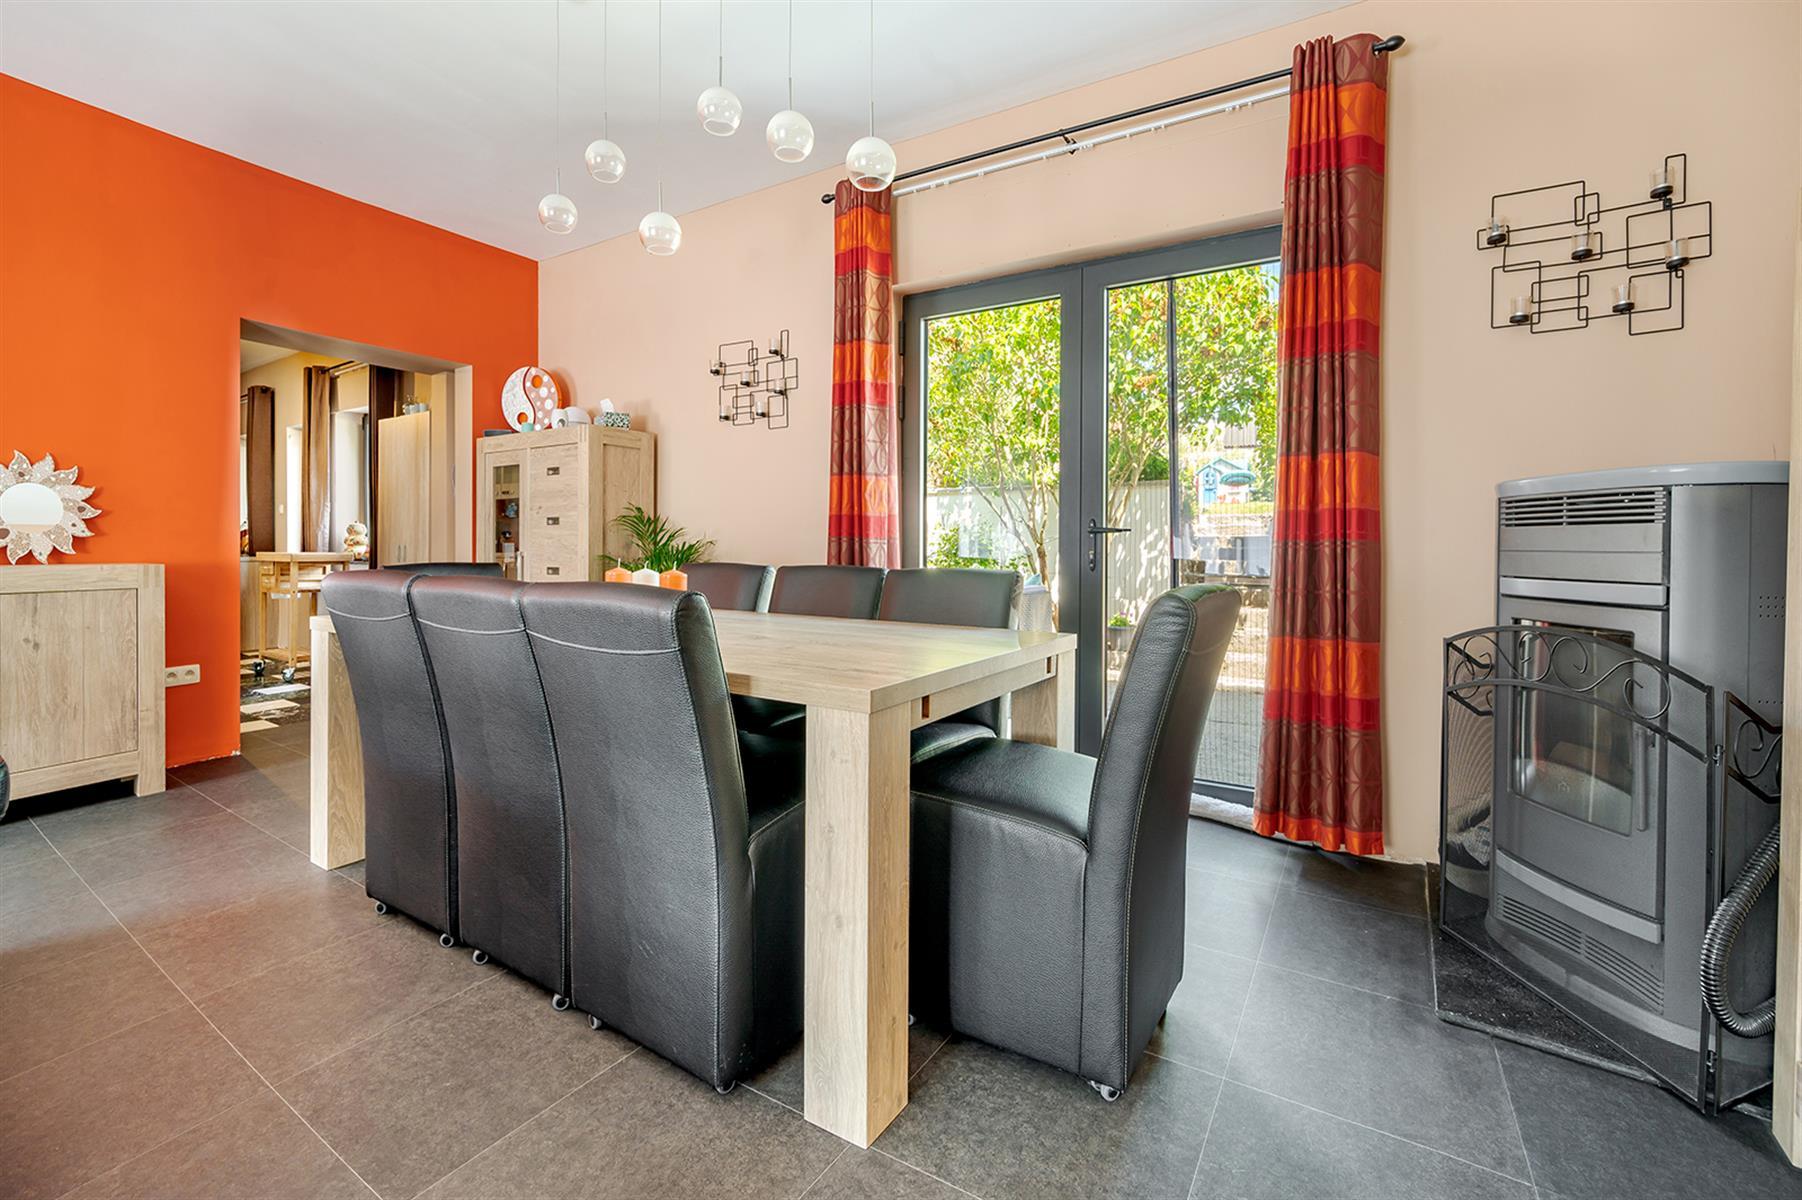 Maison - Villersle-Bouillet Warnant-Dreye - #4392377-3